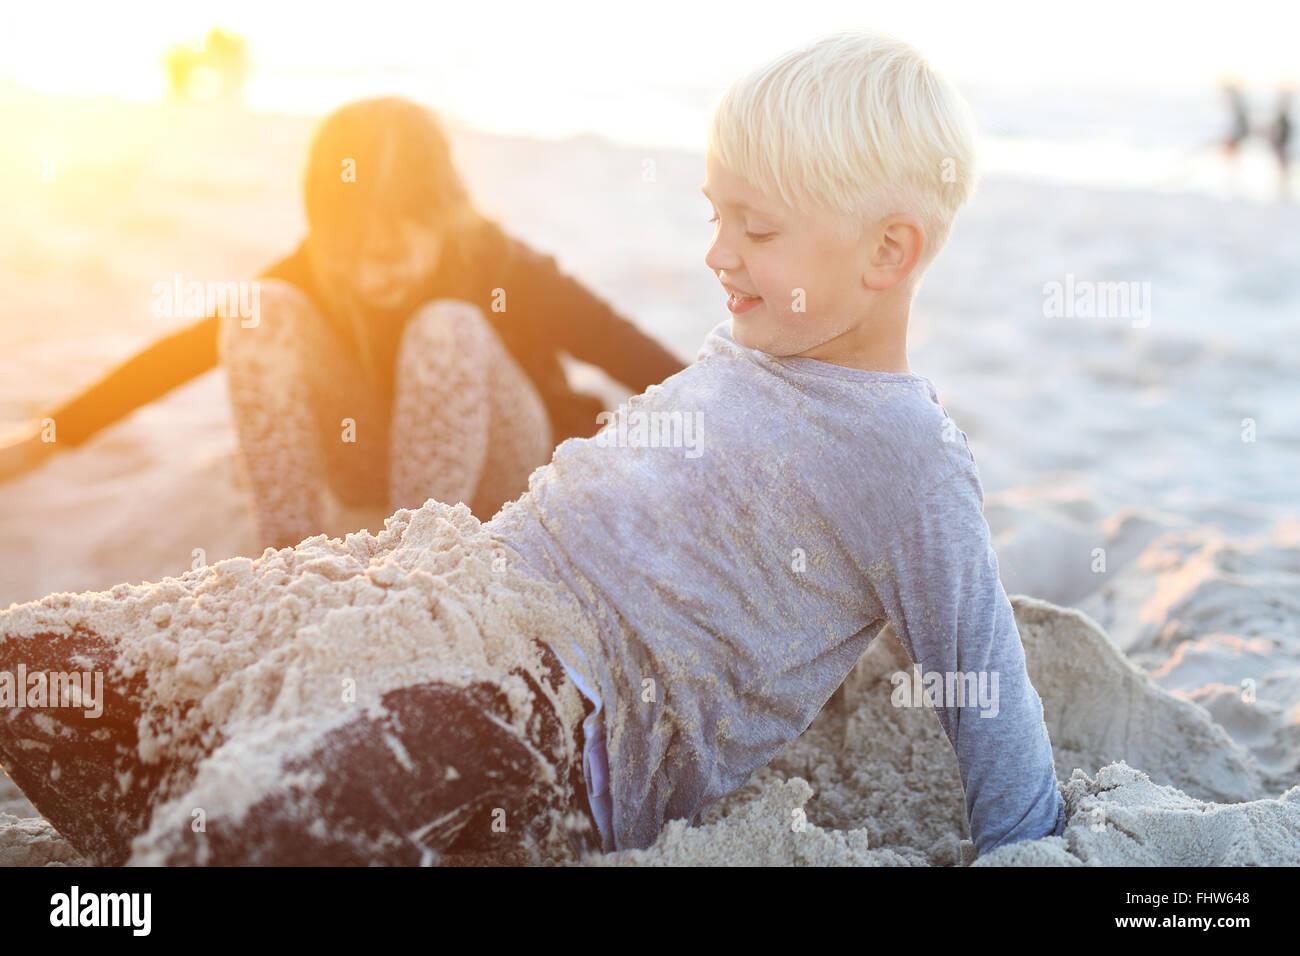 Niños en la playa jugando en la arena. Felices los niños y niñas jugando en una playa de arena Imagen De Stock